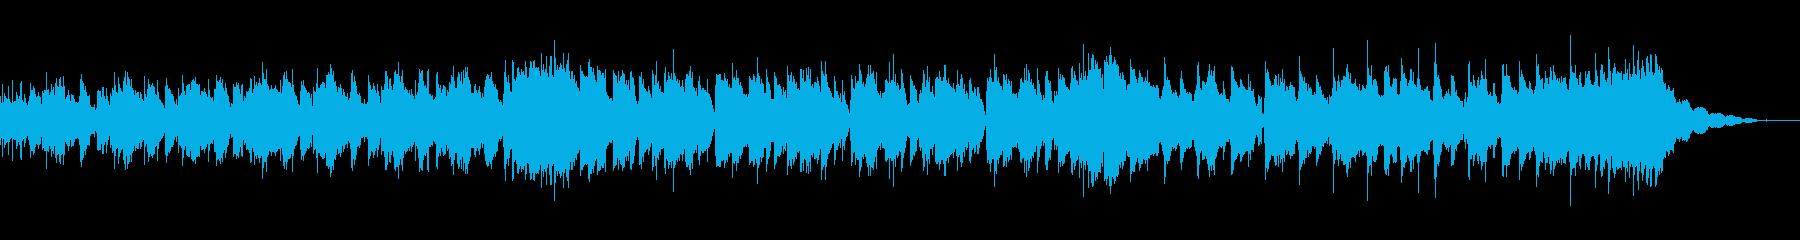 夏・楽しい・CM・生演奏・ウクレレの再生済みの波形